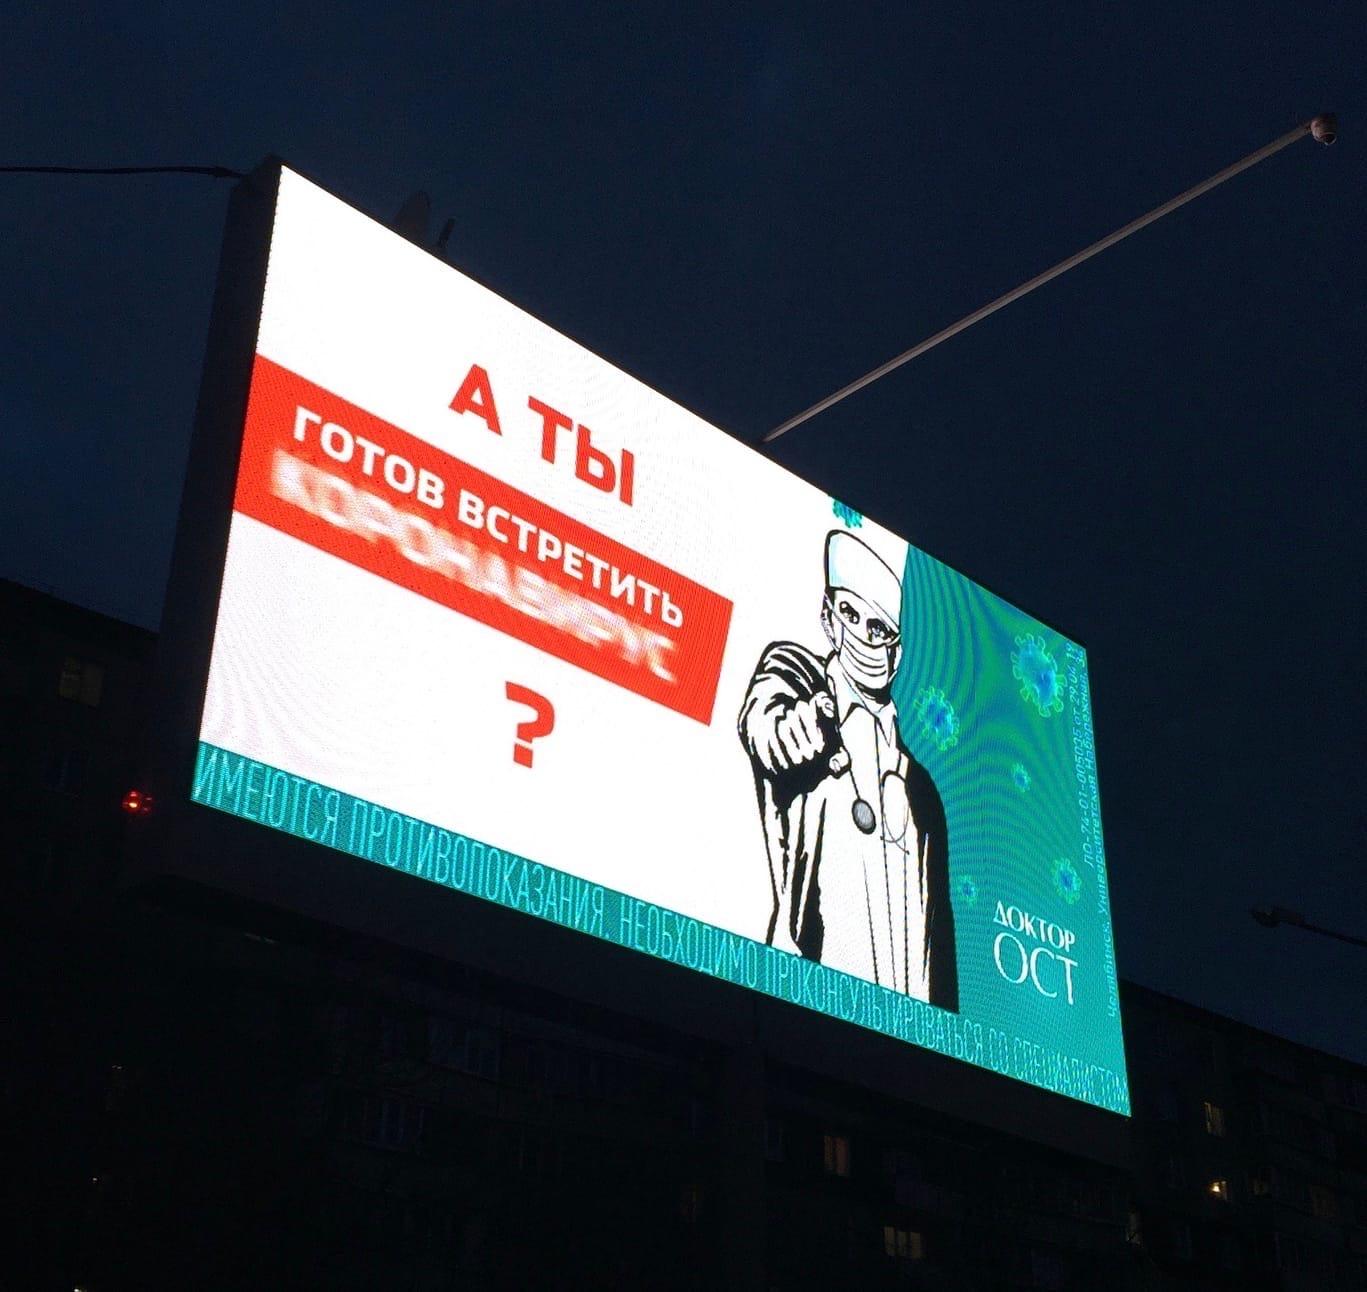 Такая реклама может убедить челябинцев в необходимости антивирусной профилактики в медцентре, уверены в УФАС